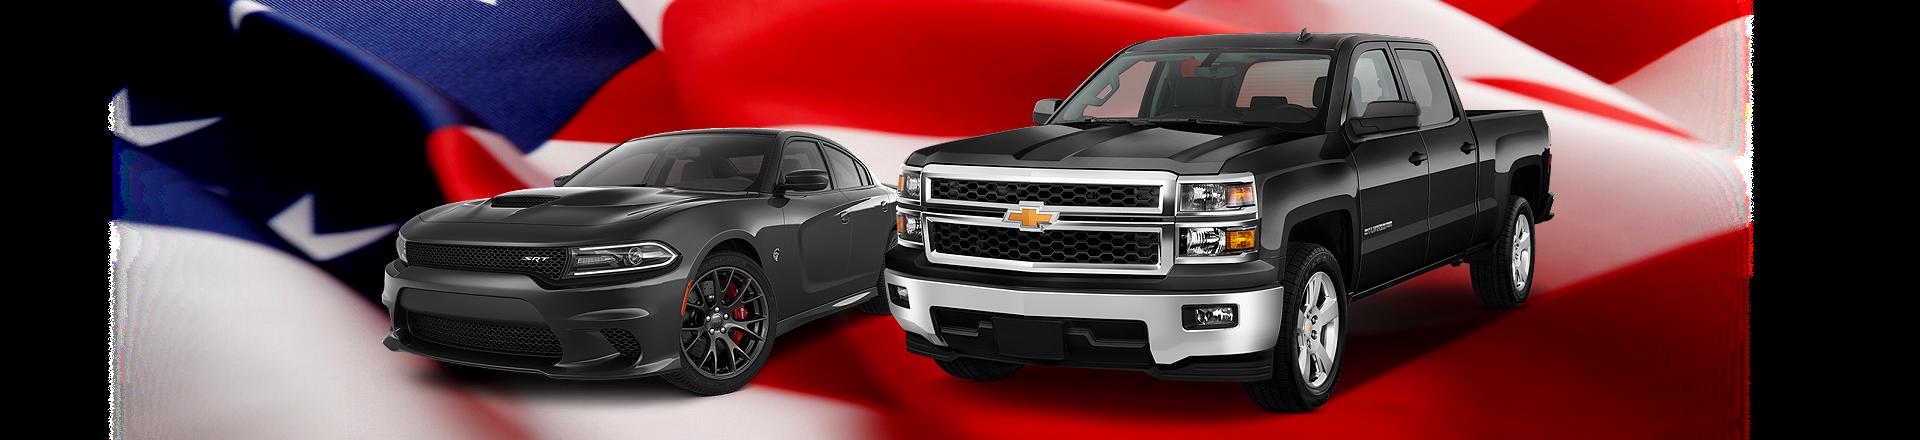 Used Cars Seffner FL   Used Cars & Trucks FL   American Auto Sales ...